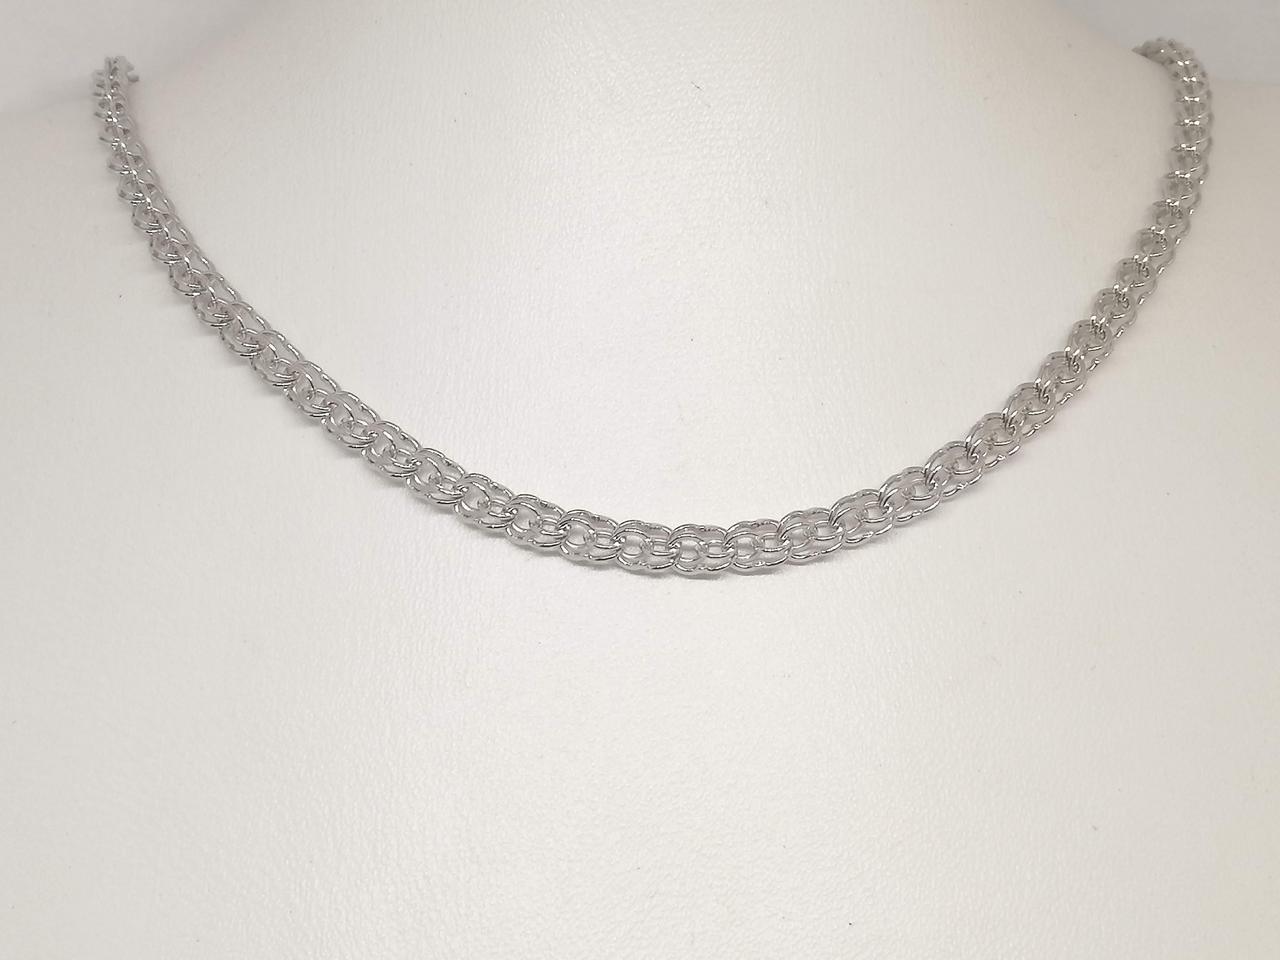 Срібний ланцюжок (Бісмарк). Артикул 880031С 60